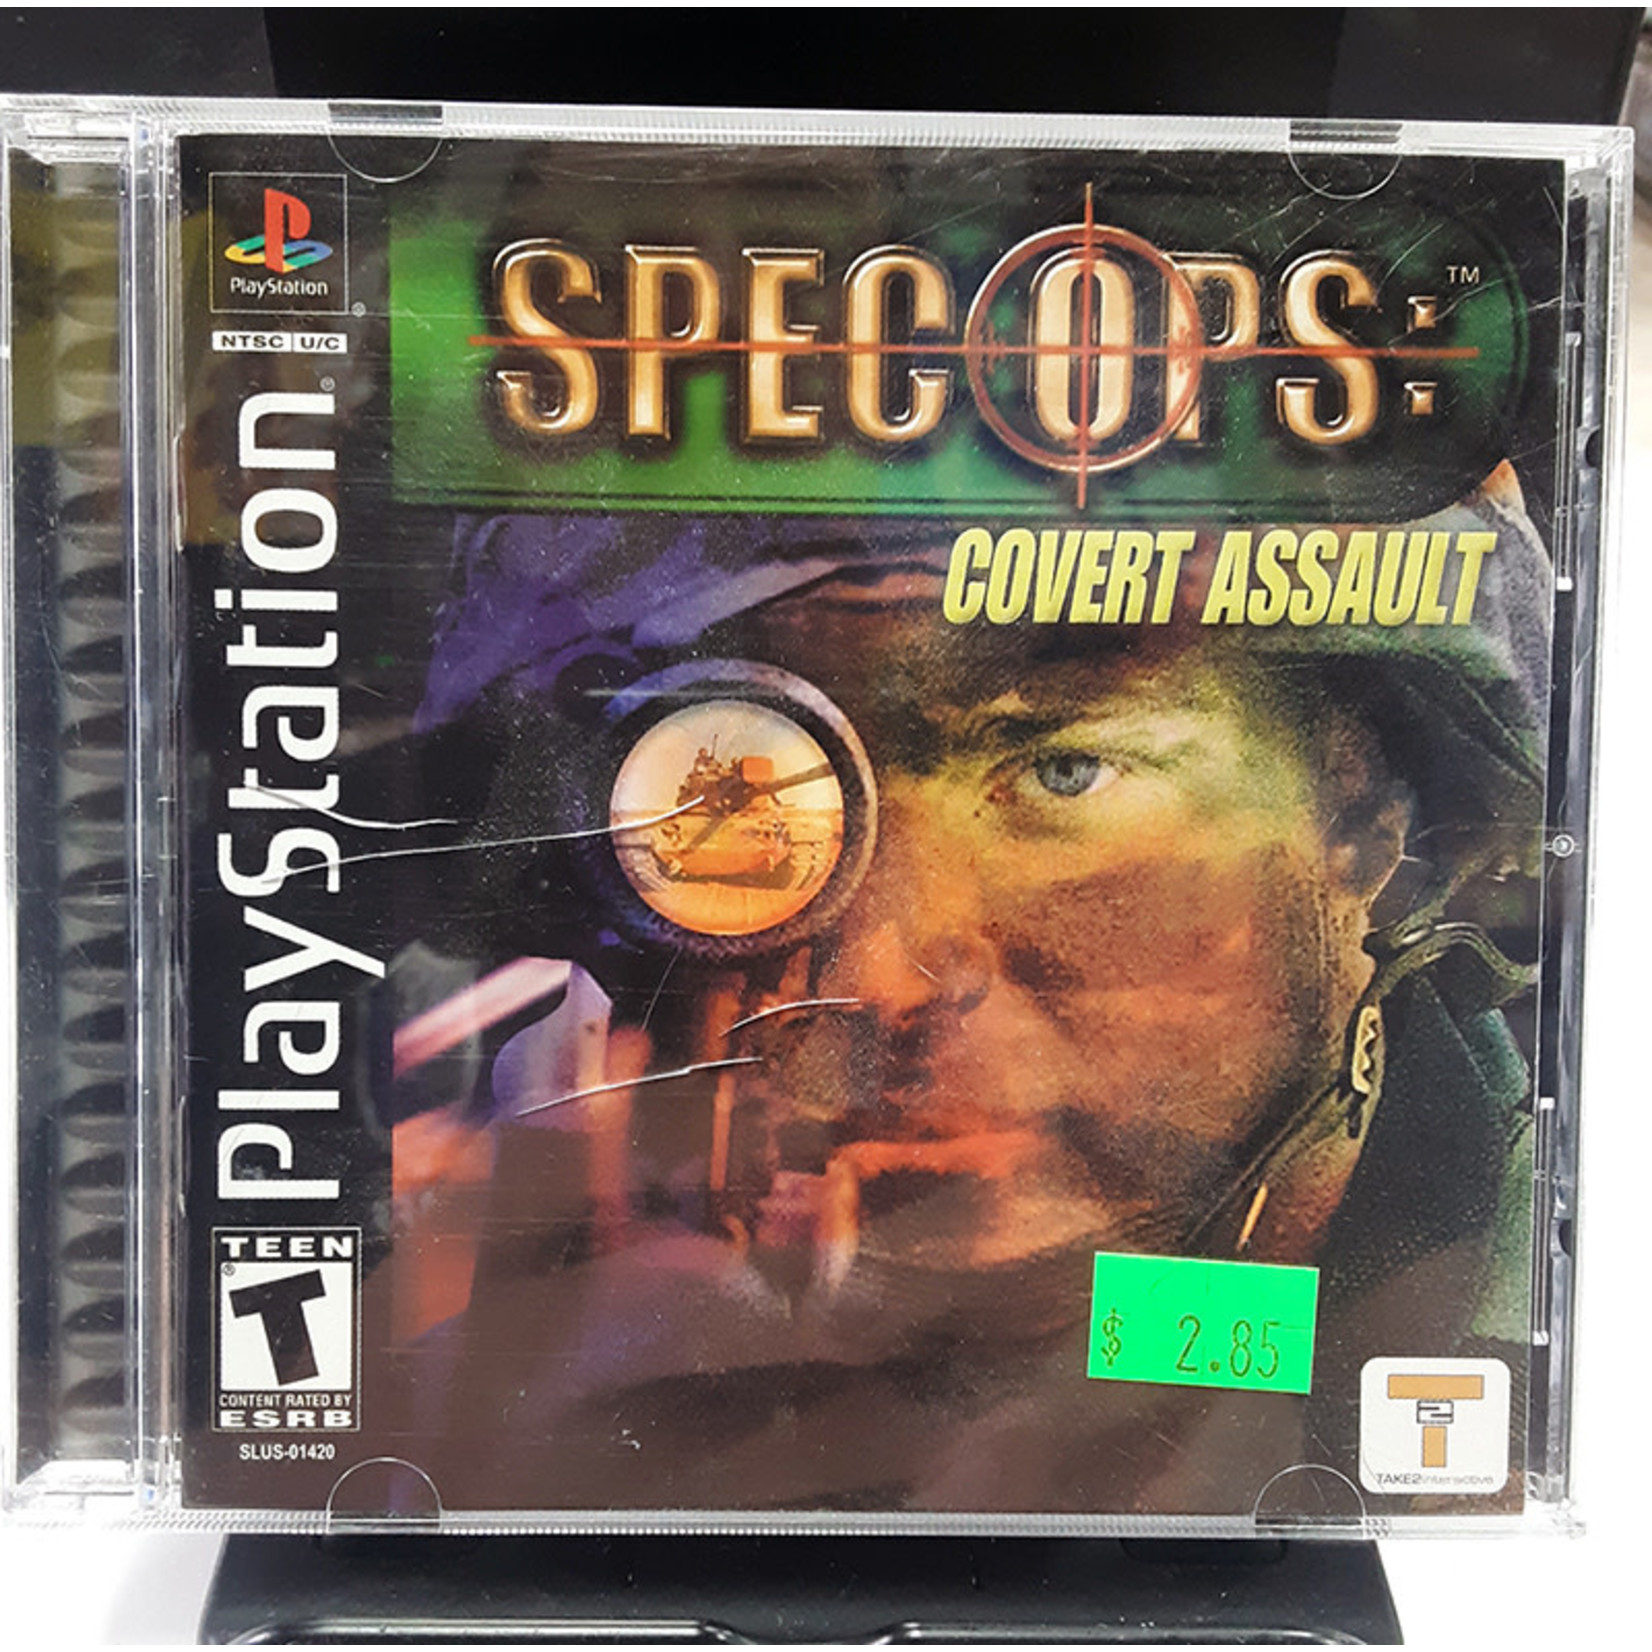 ps1u-spec ops: covert assault